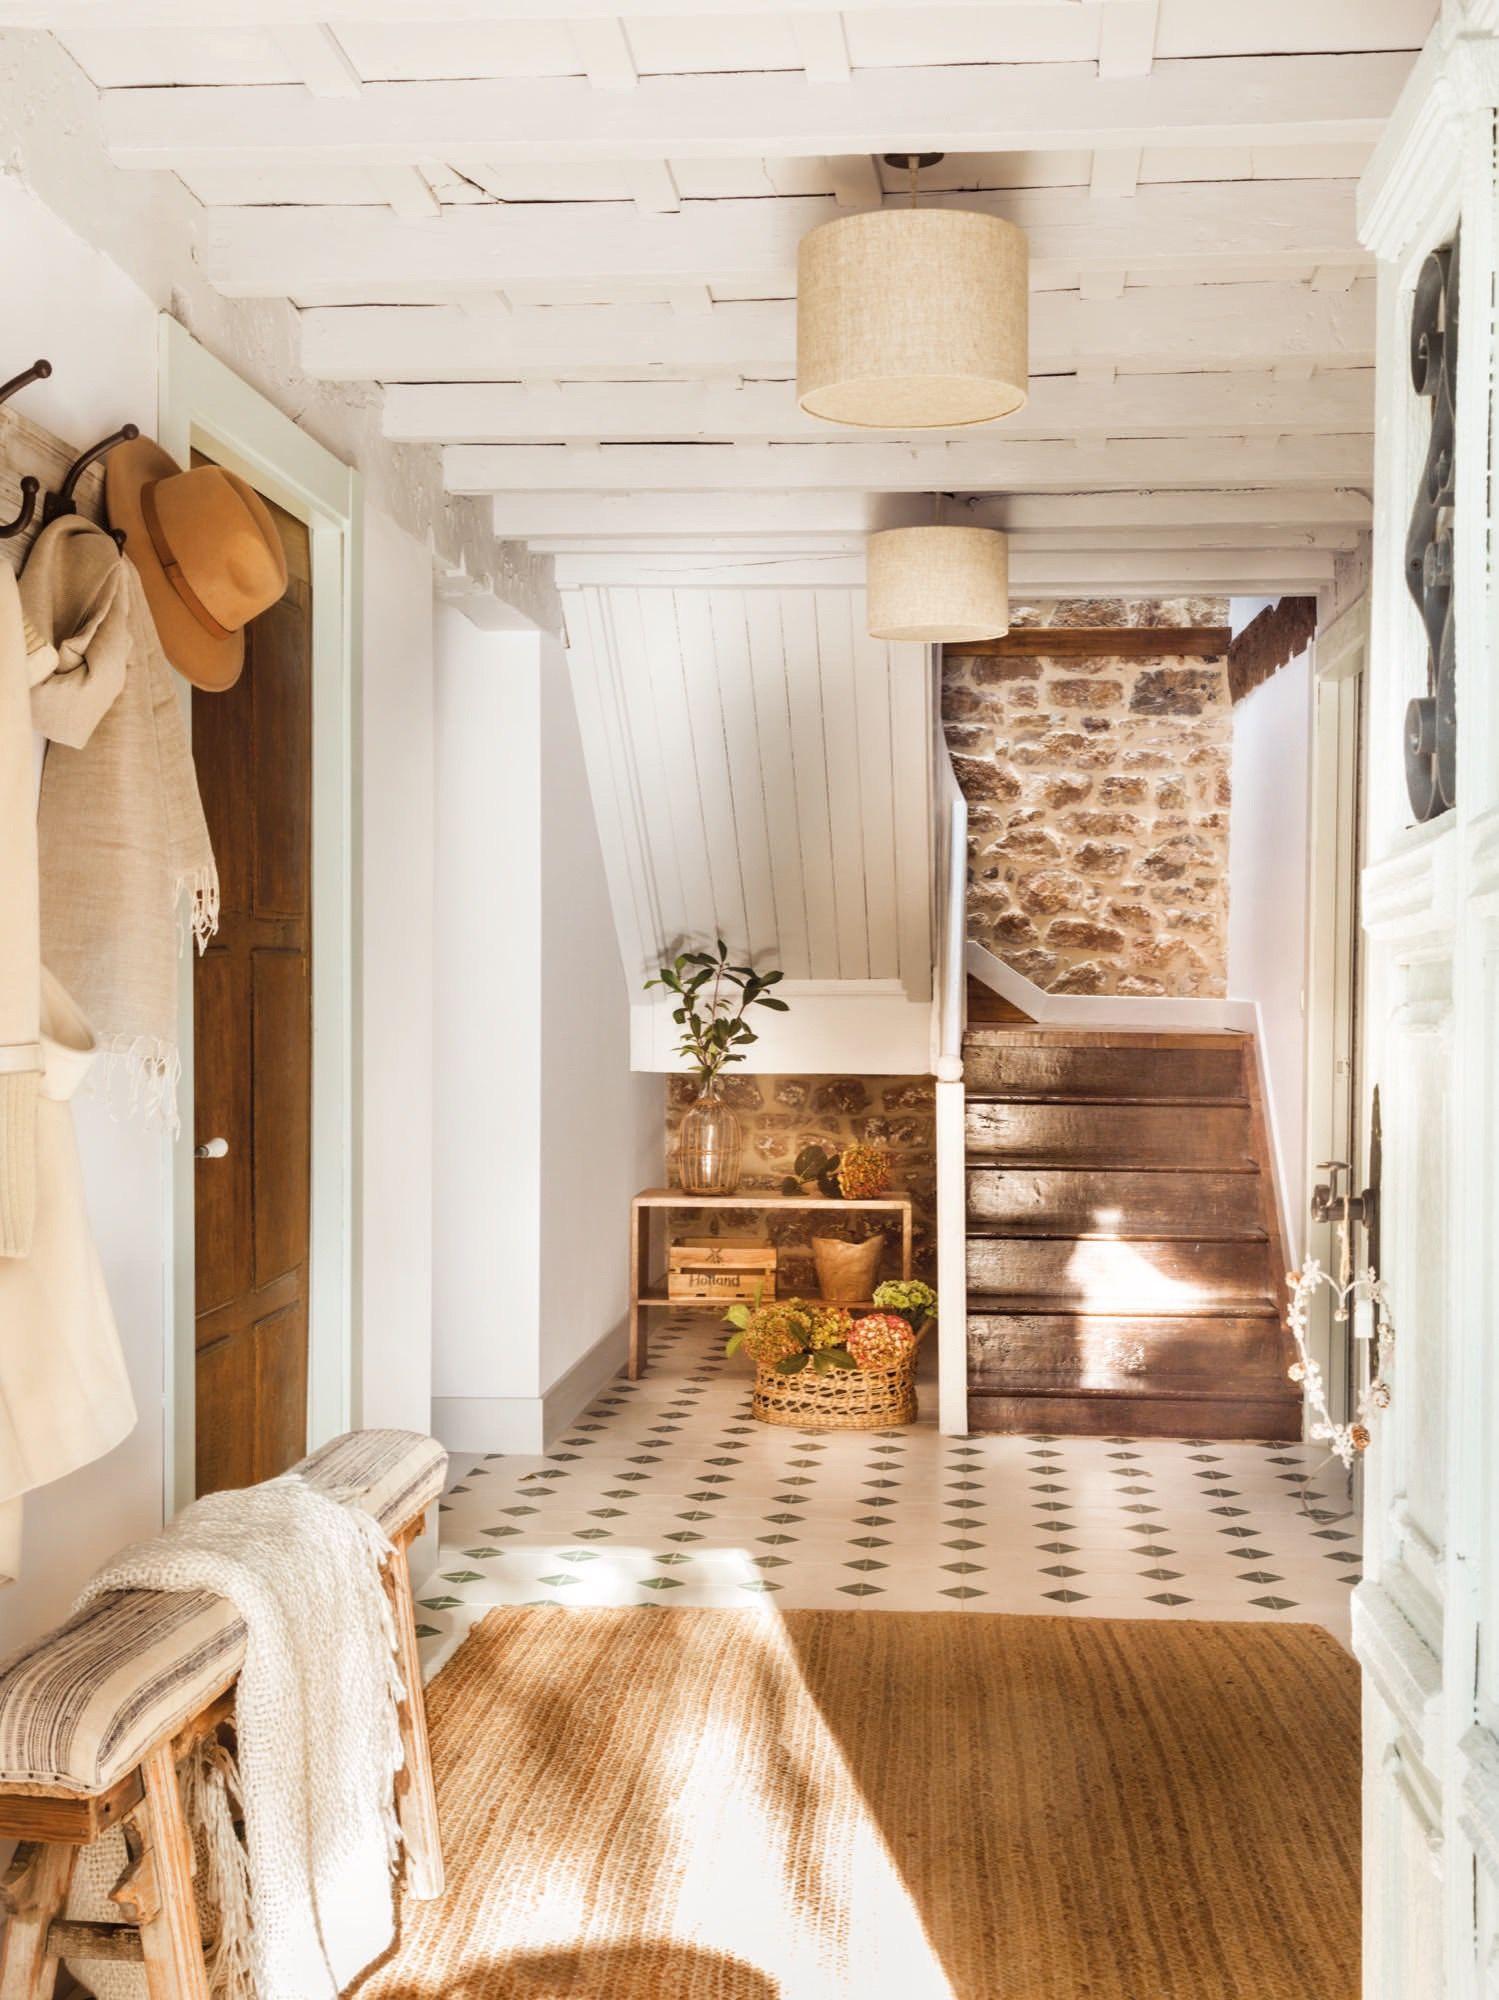 Mg 0631 escalera de una casa rustica con suelo hidr ulico for Azulejos y saneamientos mg